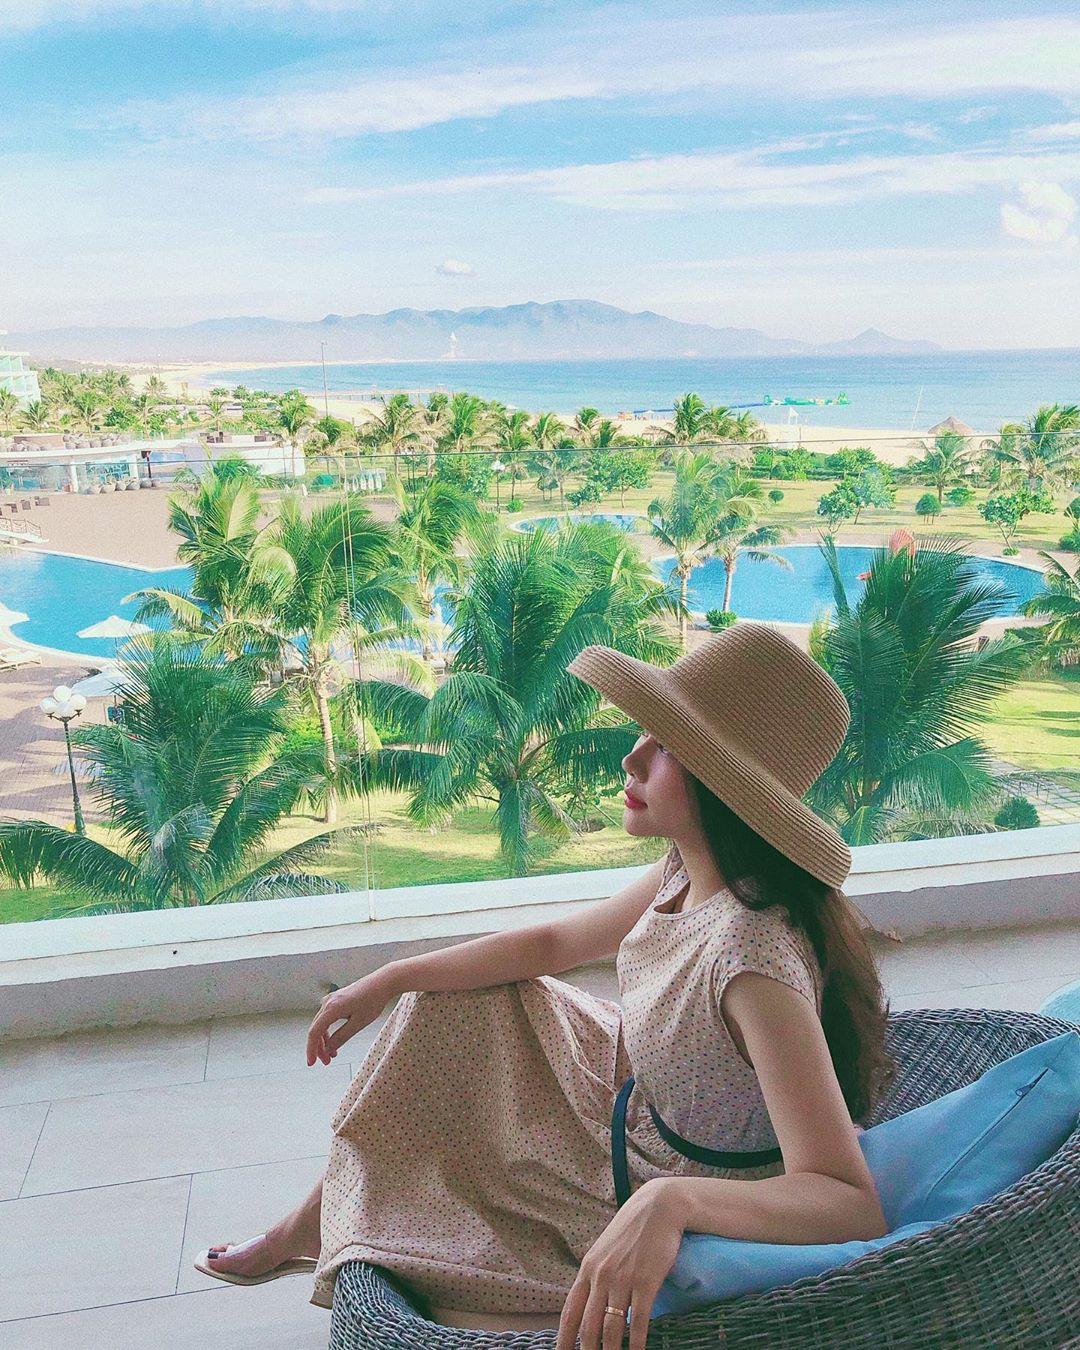 View ôm trọn cả bầu trời, biển xanh, hồ bơi hiện đại tại FLC resort Quy Nhơn. Ảnh: @trangdinhh__